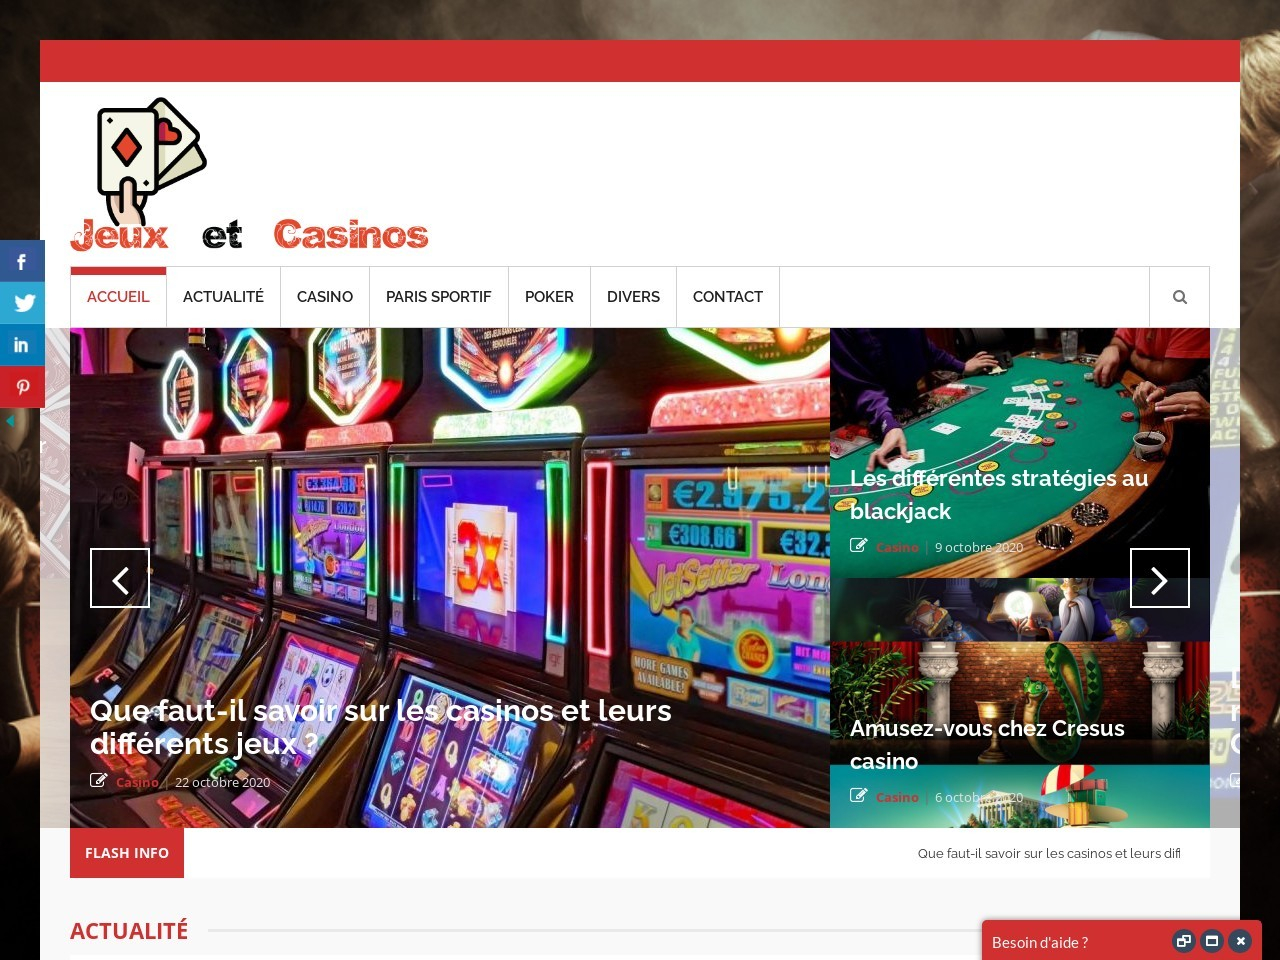 jeux-et-casino.fr